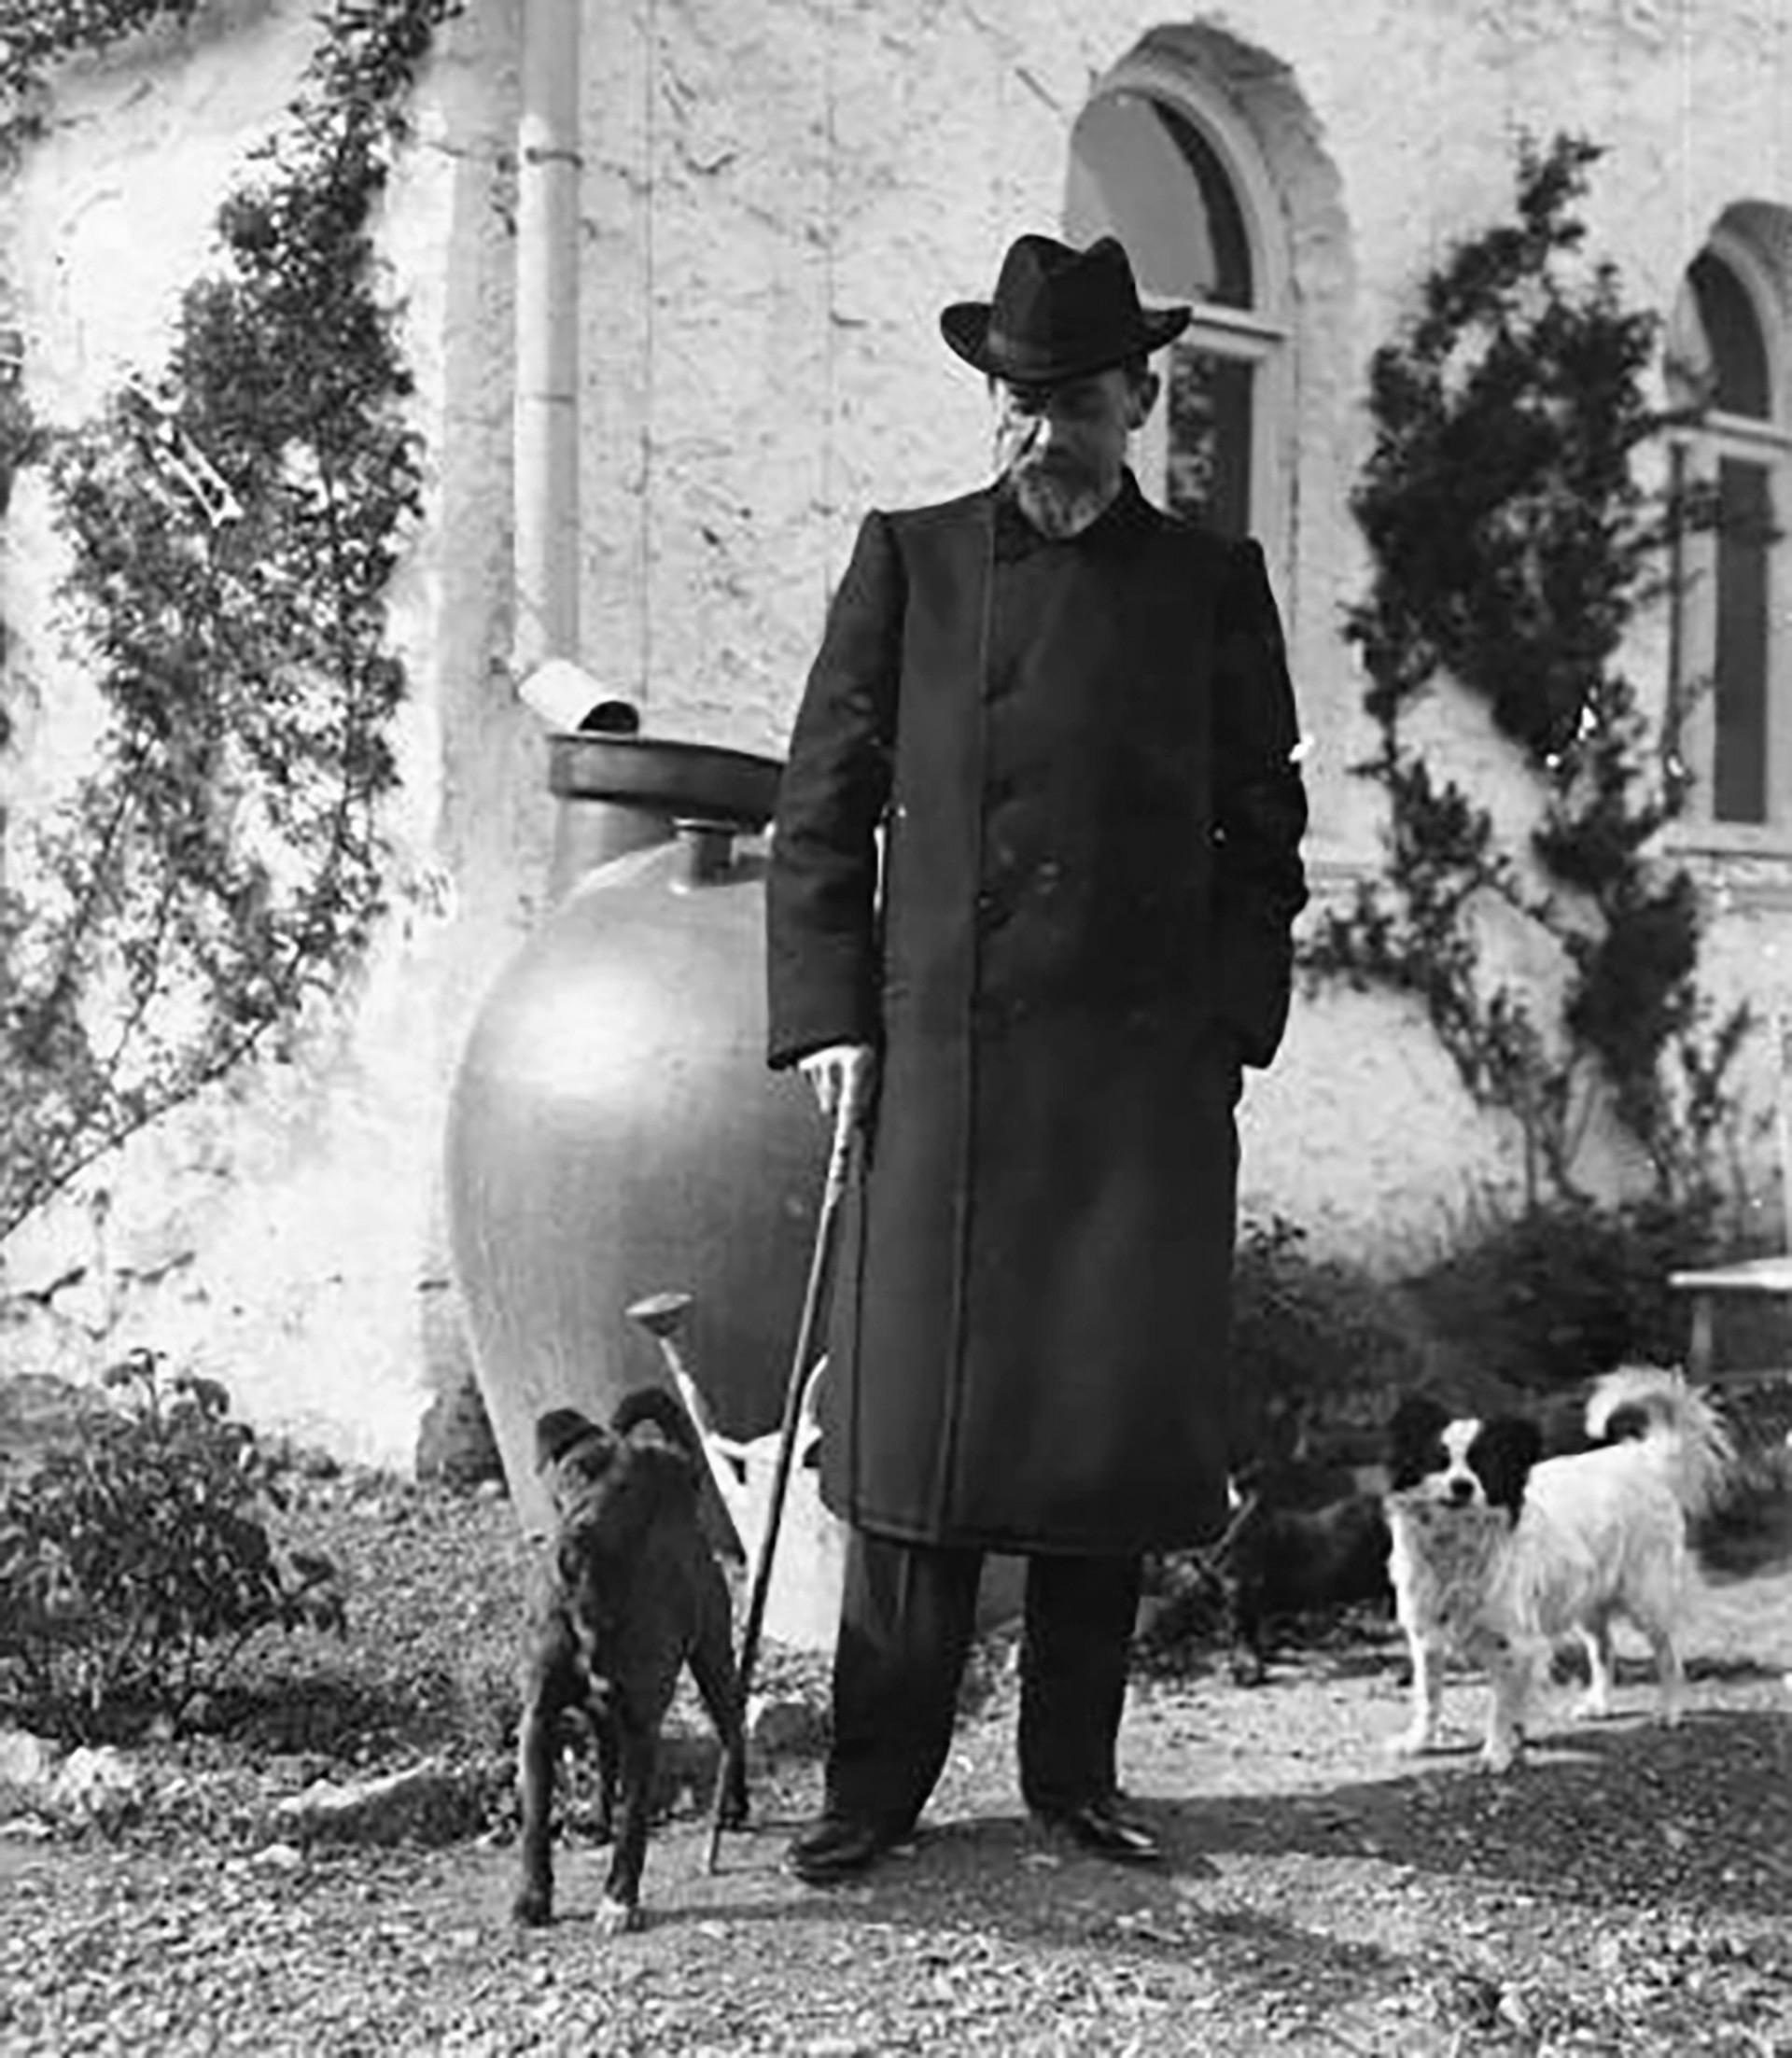 Ja, Tschechow war ein Hunde-Liebhaber! In den ersten Jahren des 20. Jahrhunderts nahm er sie gar mit auf eine Reise nach Jalta auf der Krim - genau, den Ort, wo später auch seine Novelle